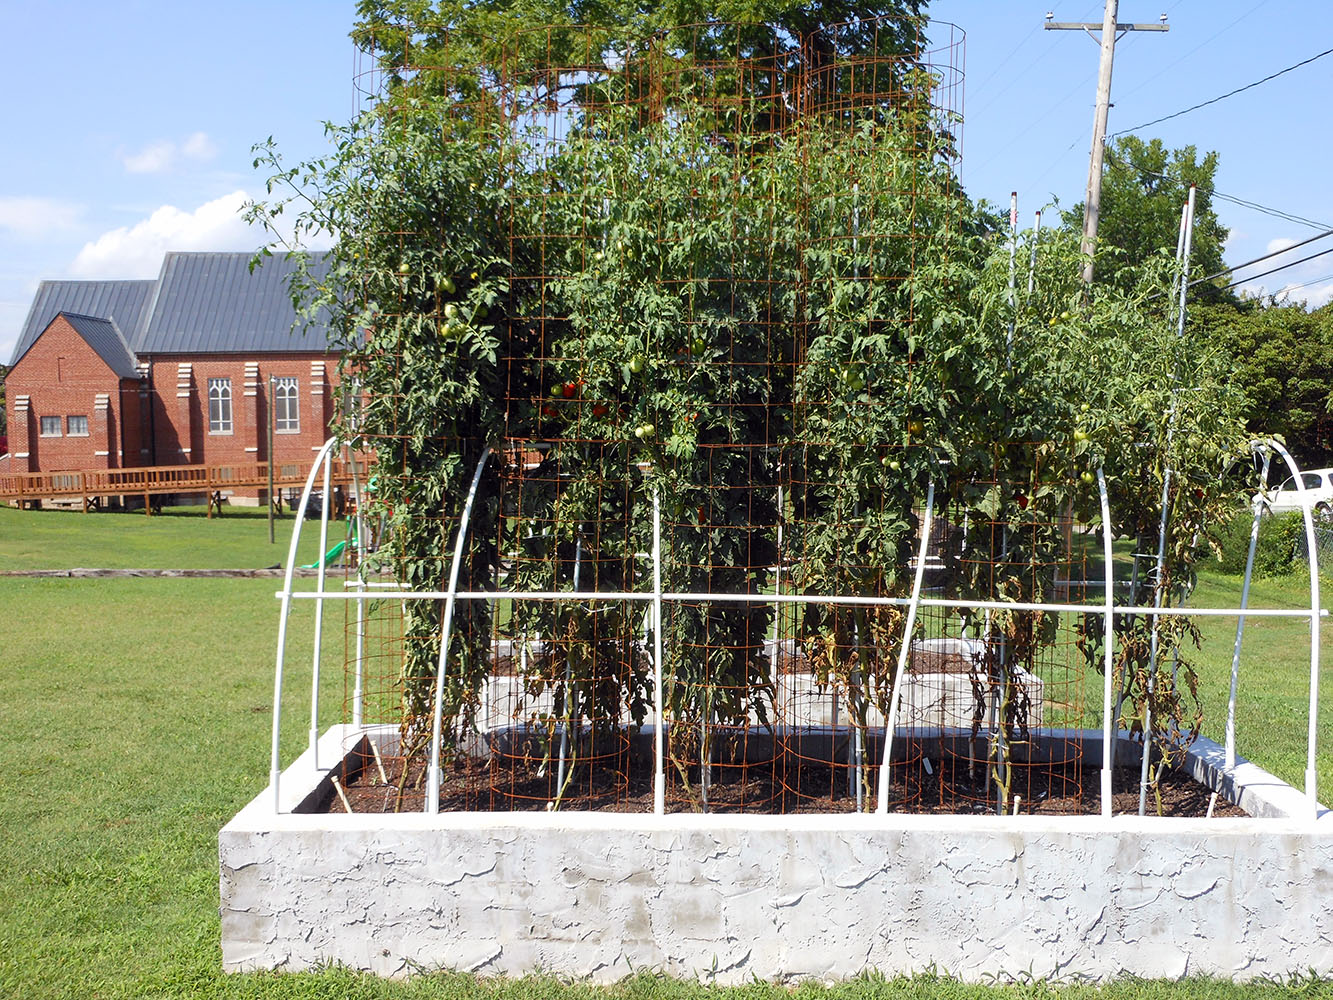 07-30-2016 Tomato Plants St Pauls S 01